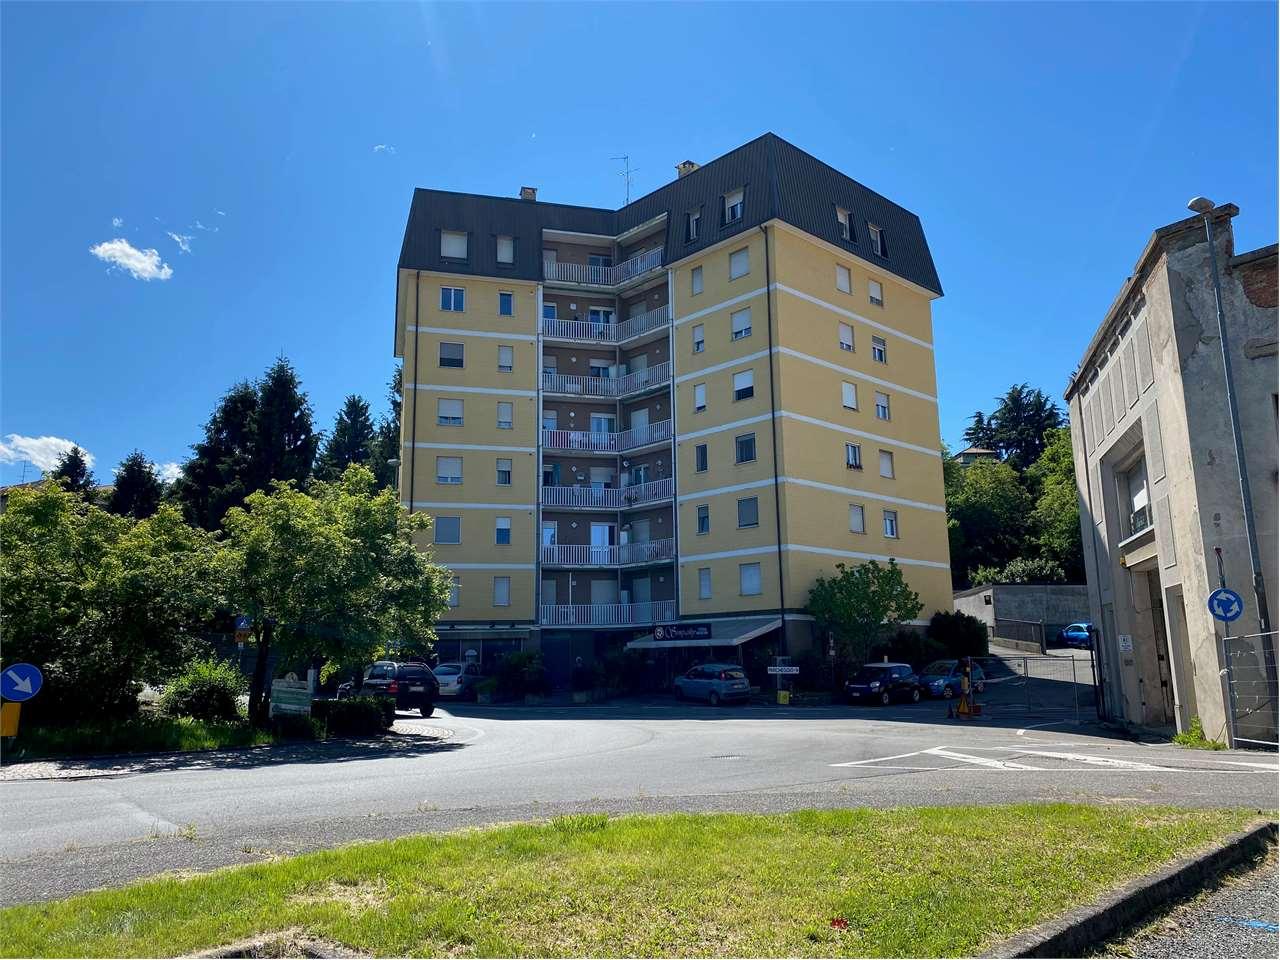 Appartamento in vendita a Cadorago, 3 locali, prezzo € 115.000 | CambioCasa.it